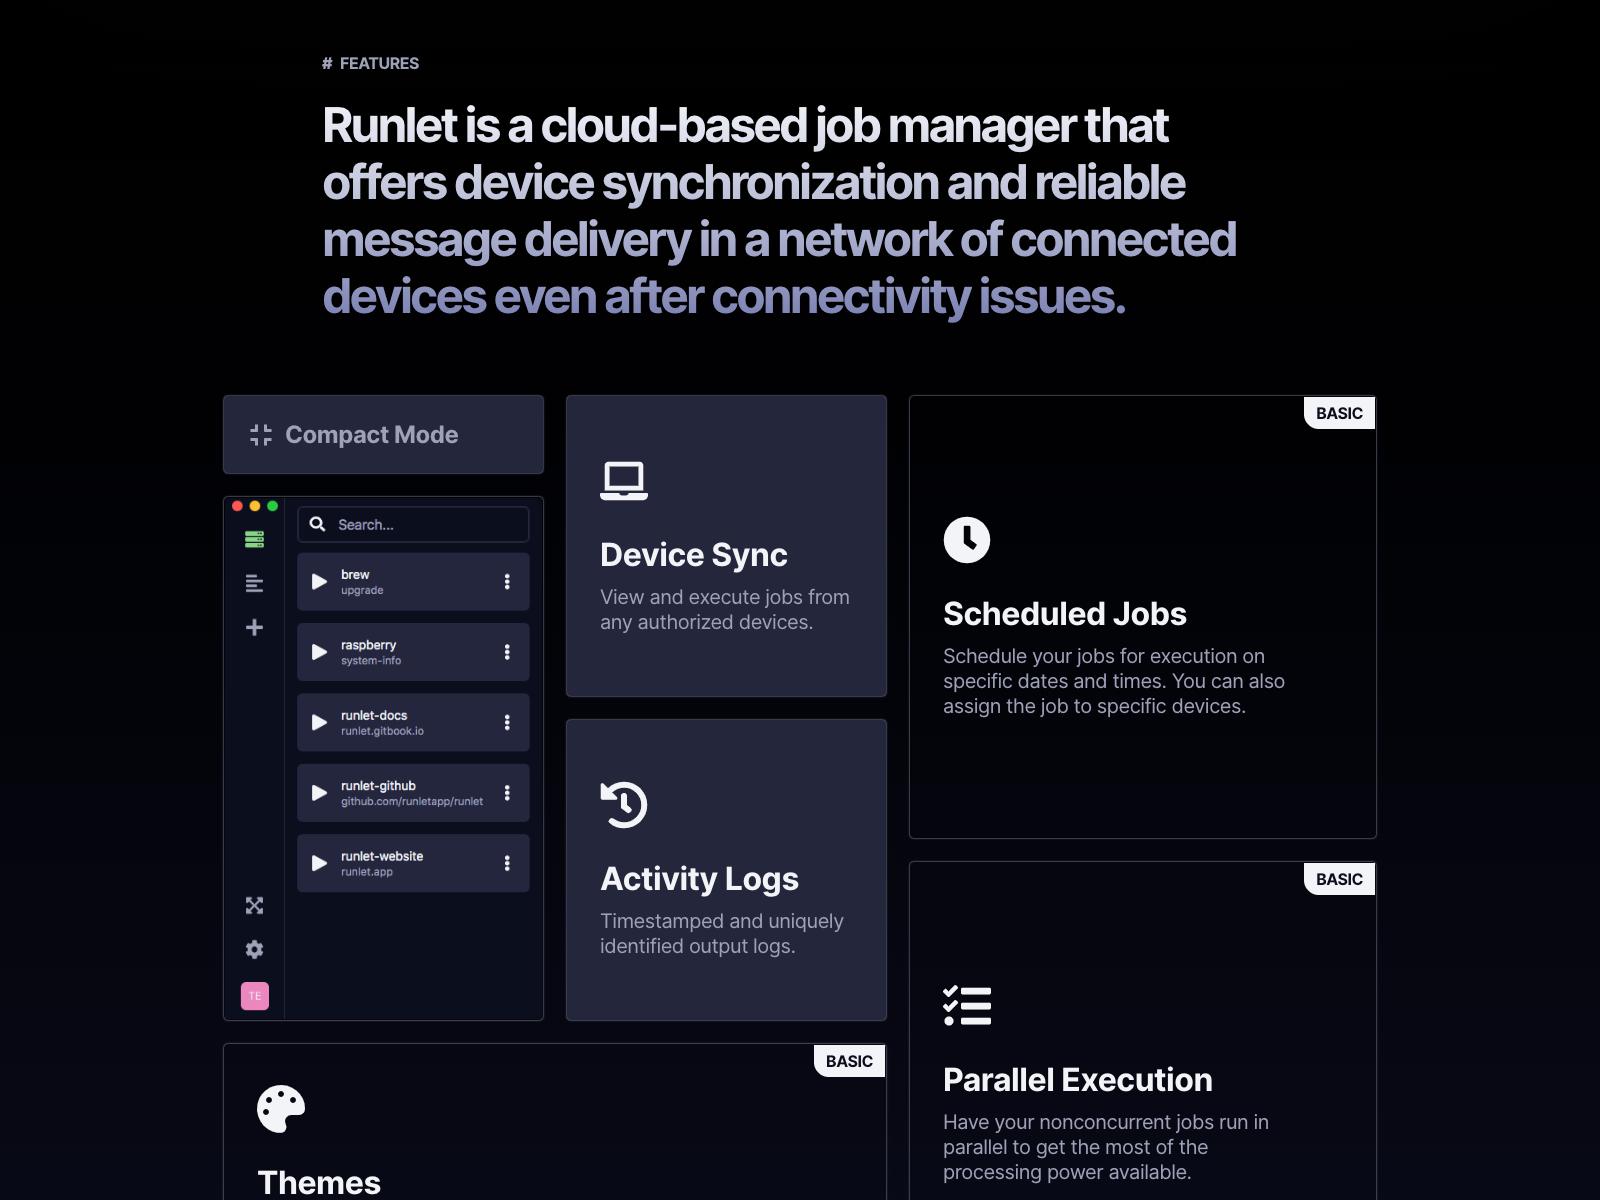 Screenshot of Runlet